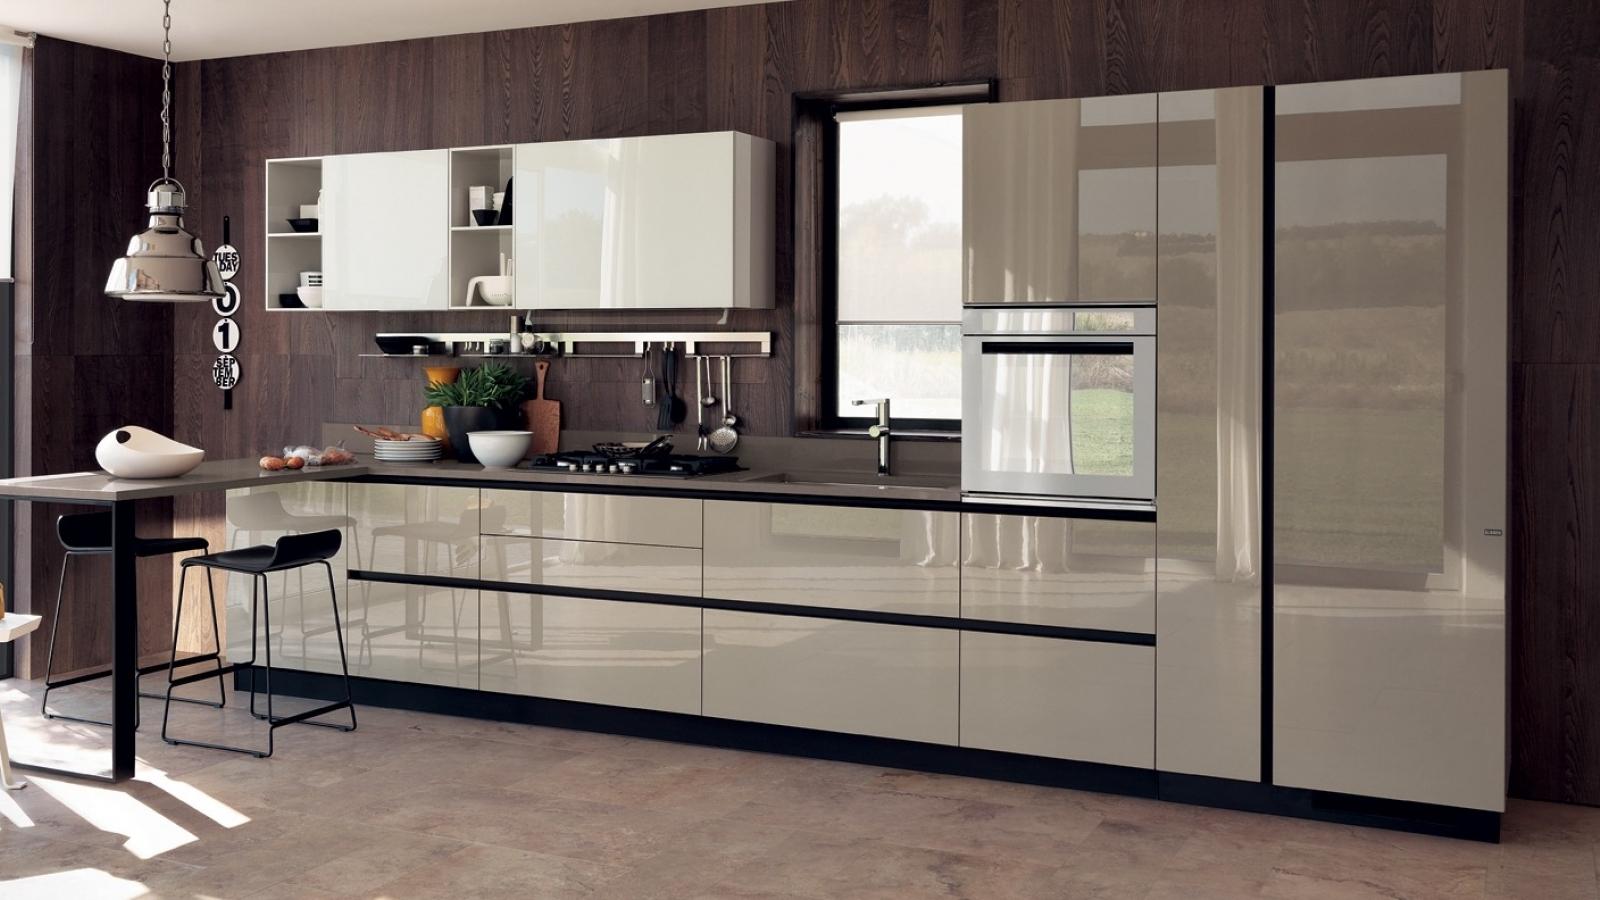 Кухонный гарнитур из италии цена купить напольное покрытие в кухне